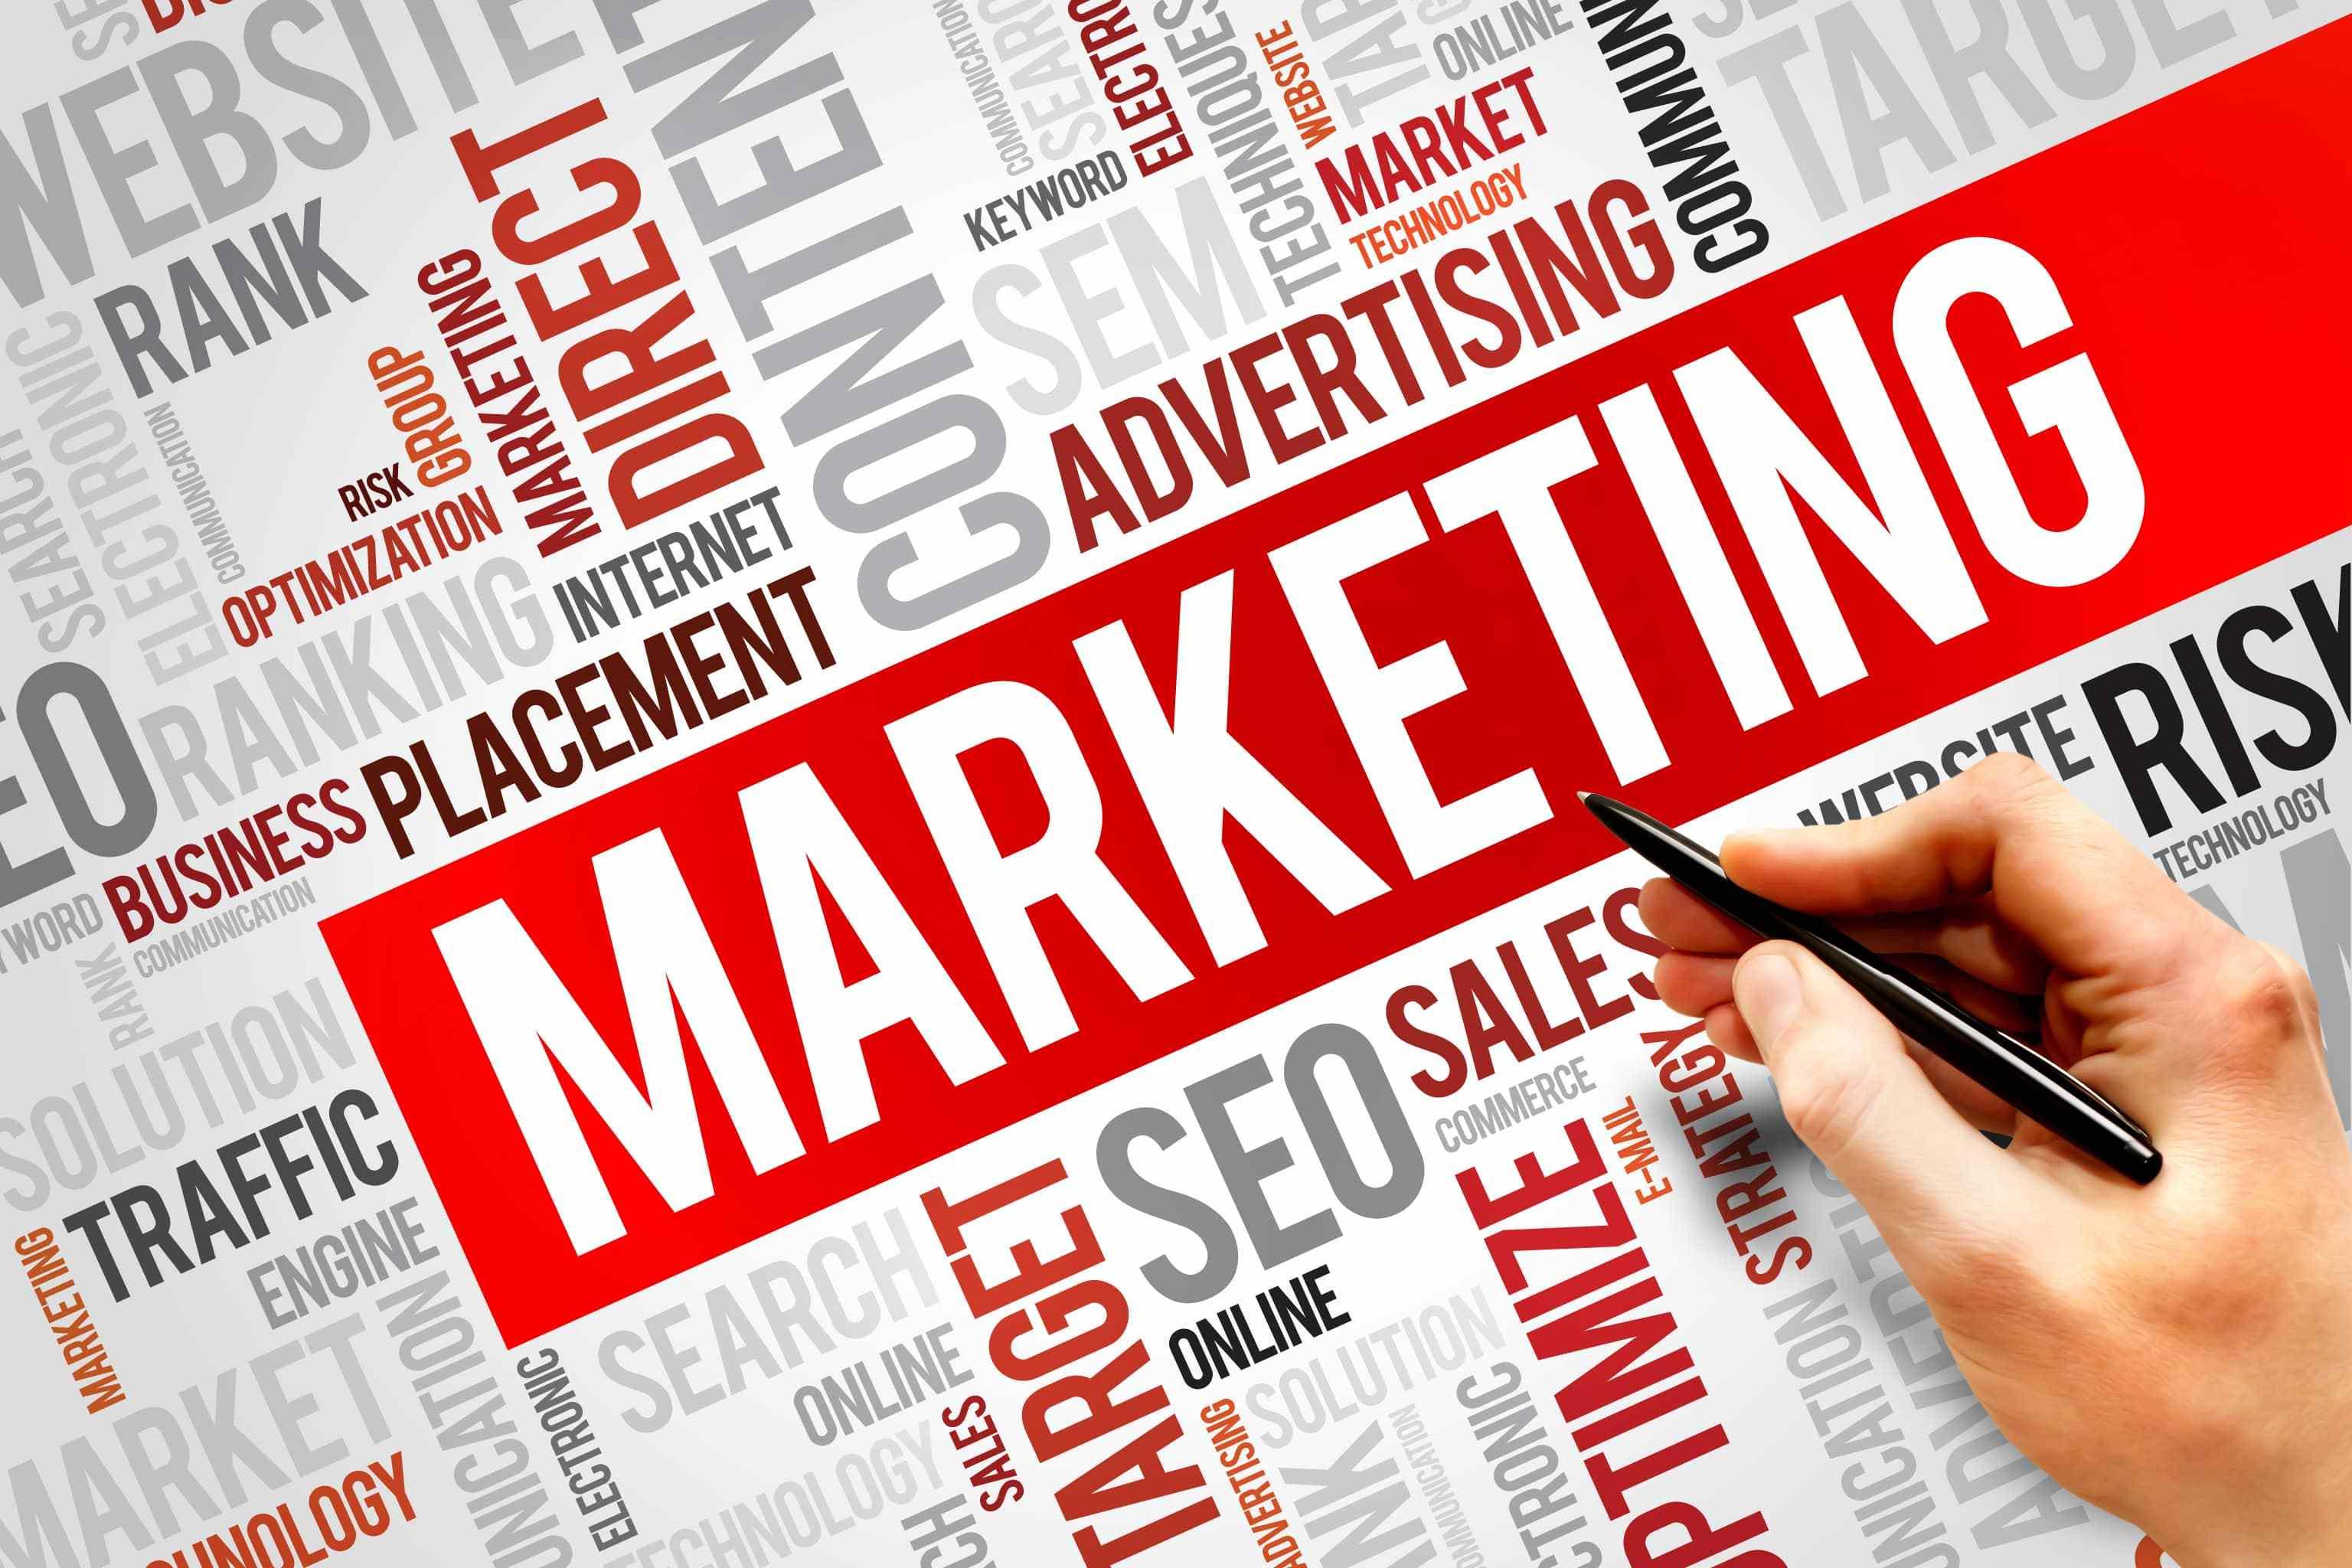 6 yếu tố hình thành nên một kế hoạch Marketing hiệu quả